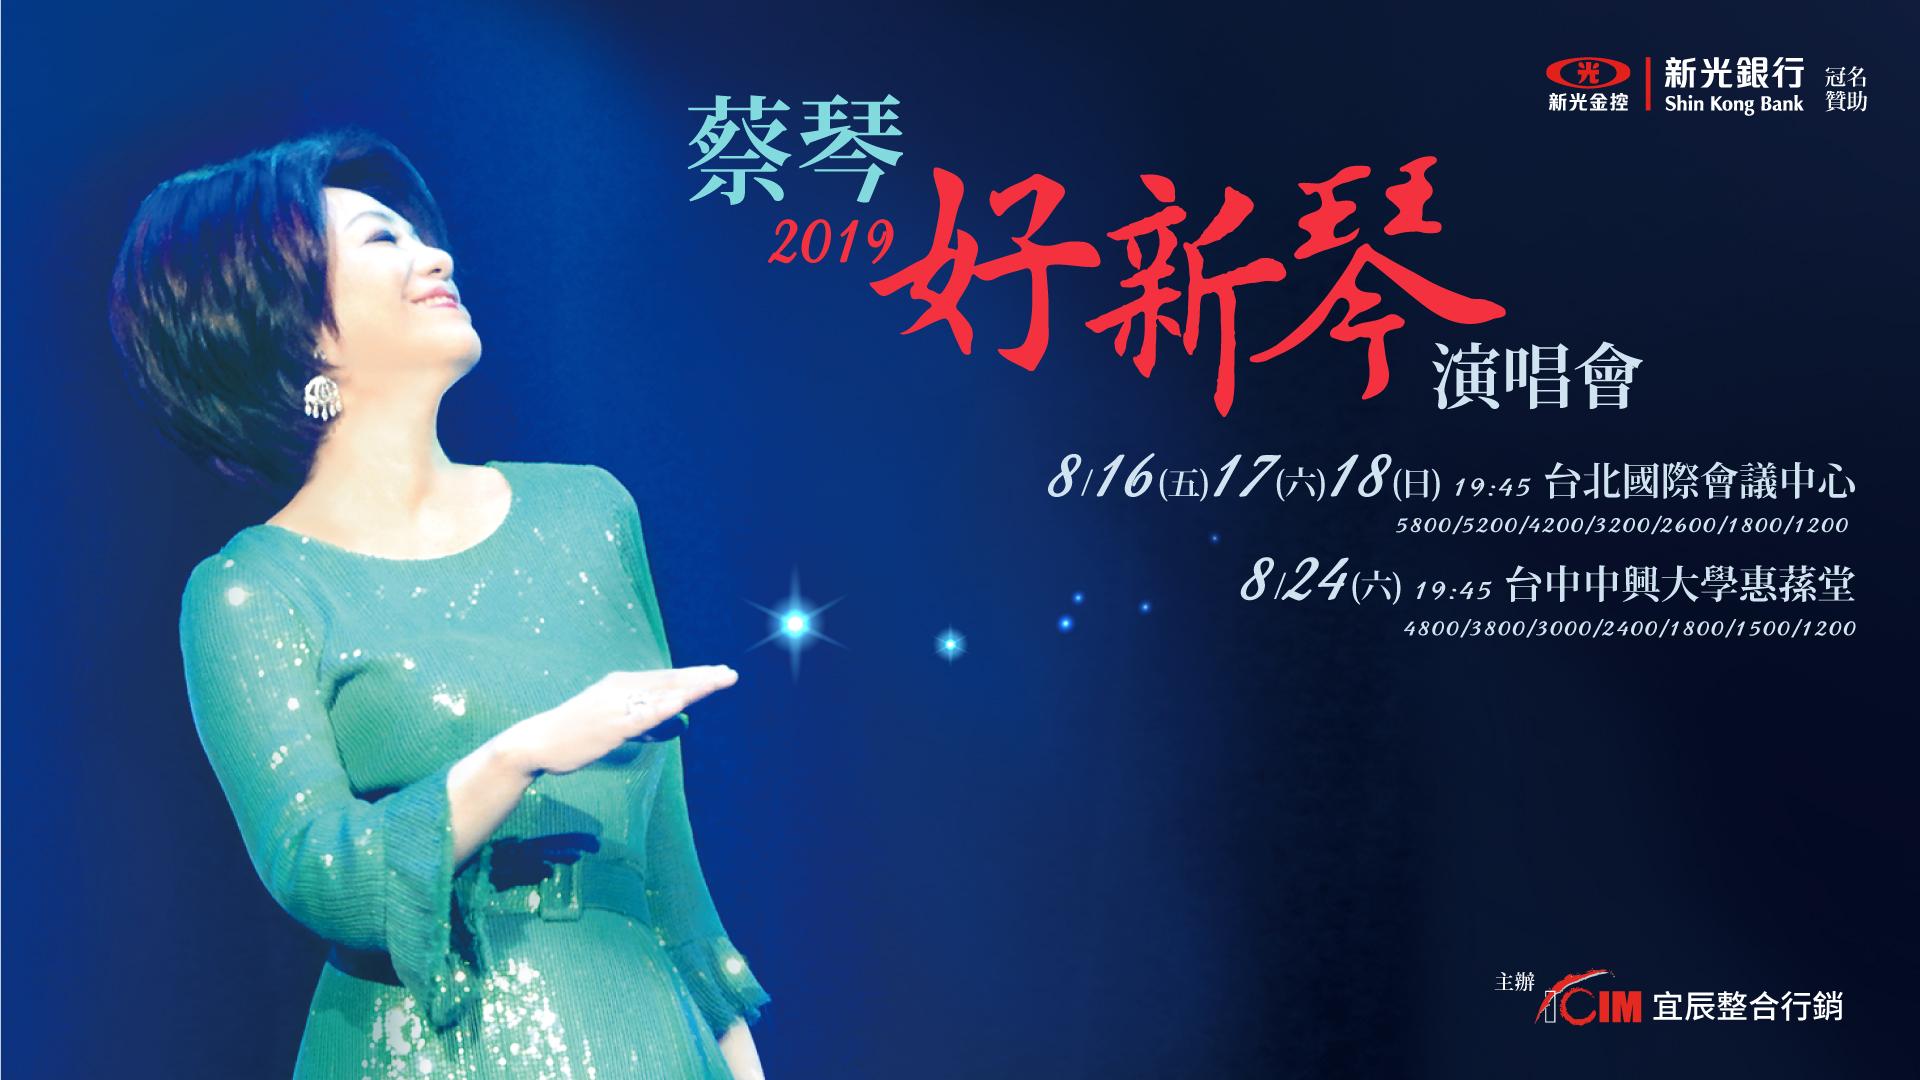 蔡琴 2019好新琴 演唱會